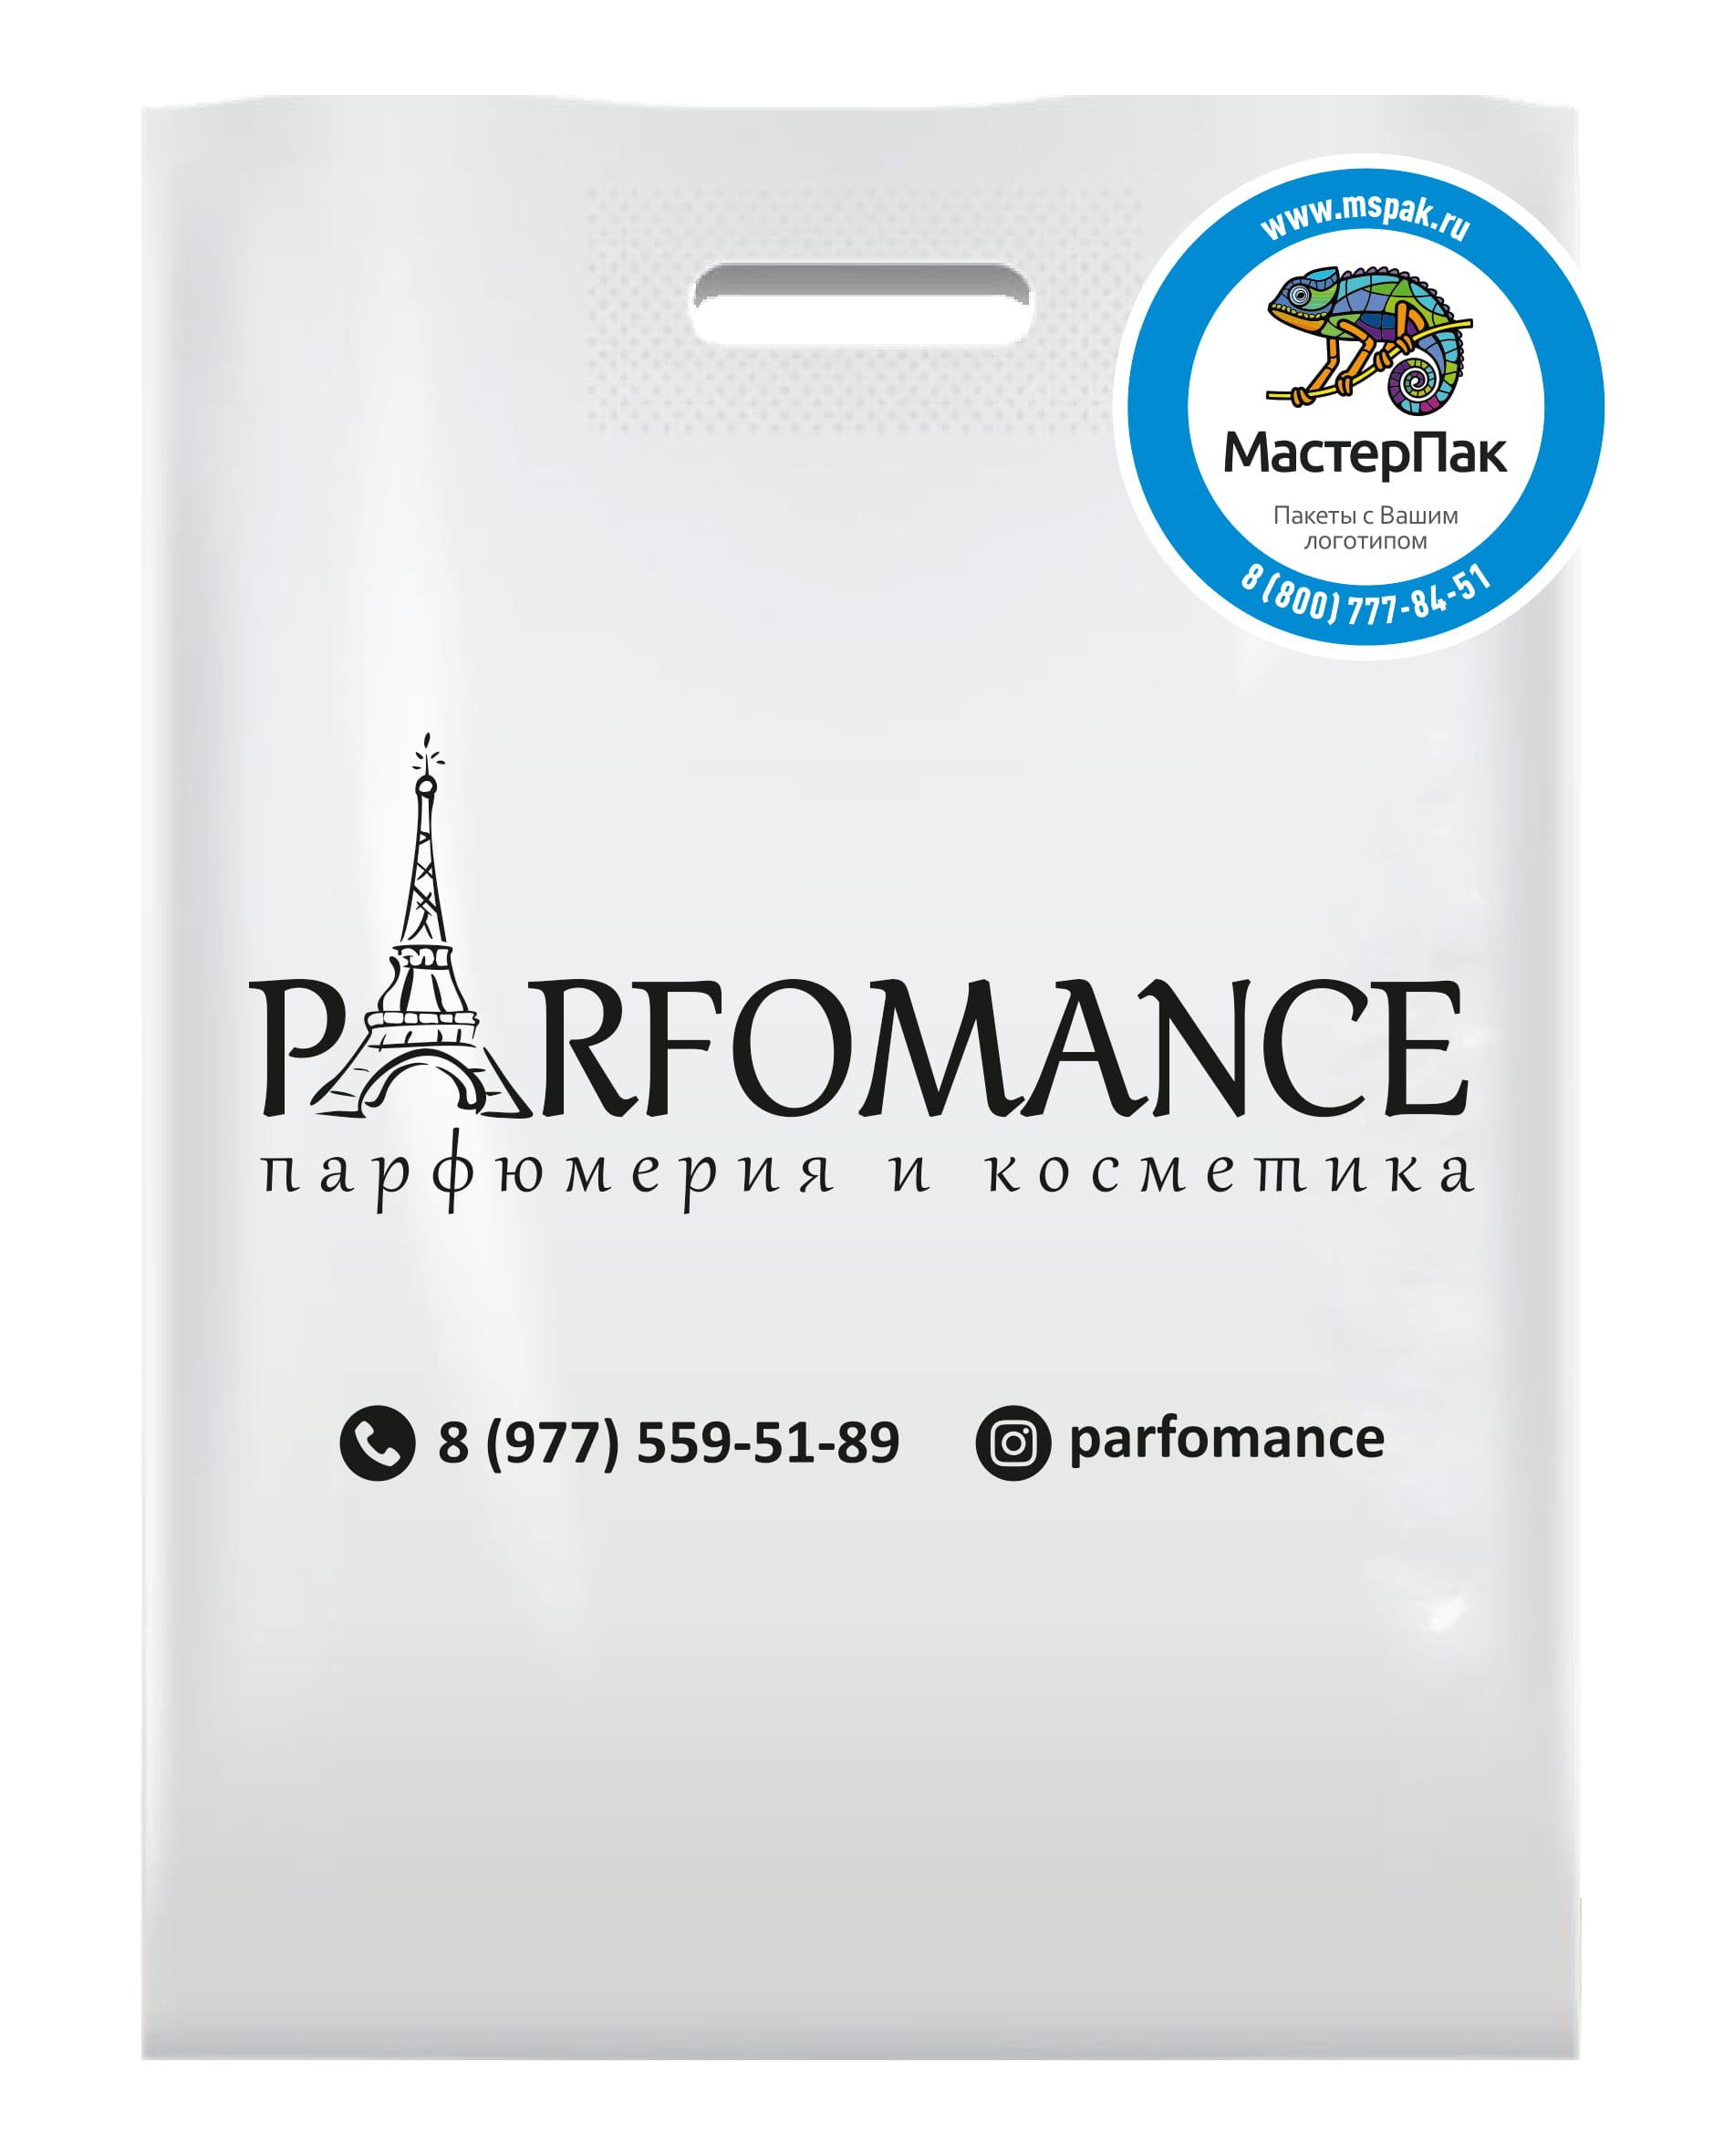 Пакет ПВД с логотипом Parfomance, Тула, 70 мкм, 30*40, вырубная ручка